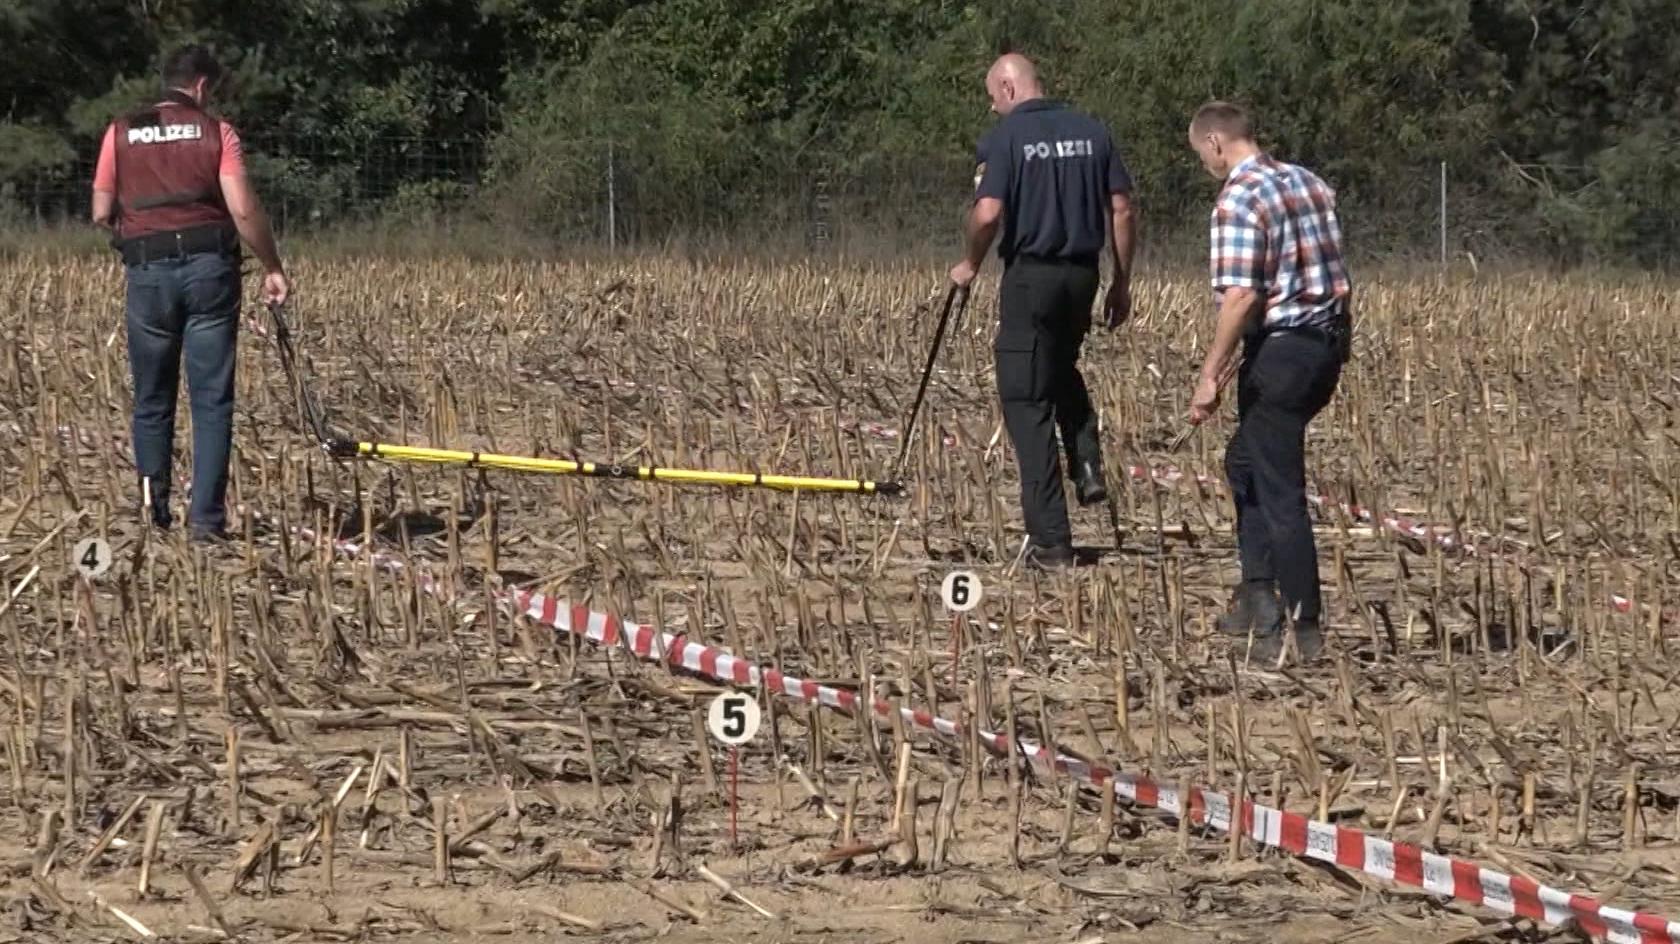 Eine Kugel aus einem Jagdgewehr tötet bei Nittenau einen Menschen. Polizisten suchen das Geländer entlang der B16 tagelang nach Spuren ab.